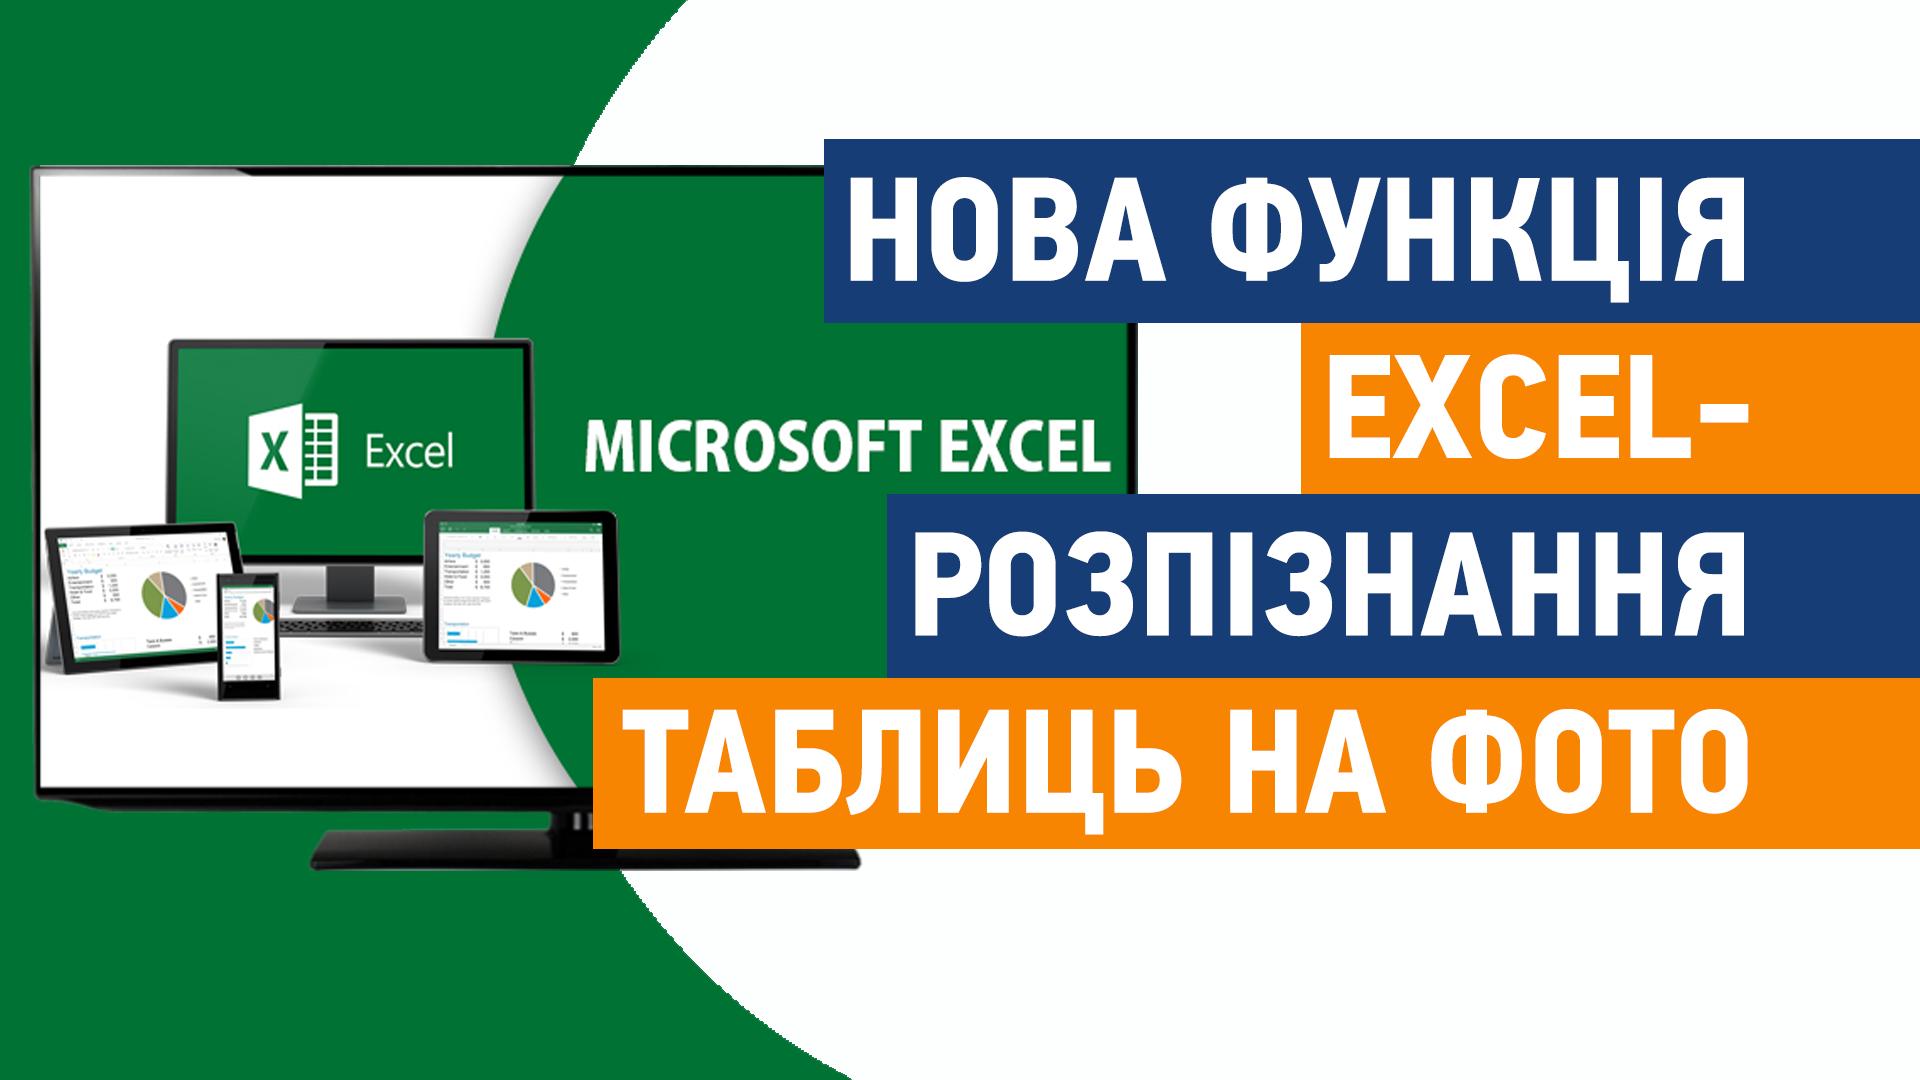 Android-додаток Microsoft Excel навчився розпізнавати таблиці на фото.